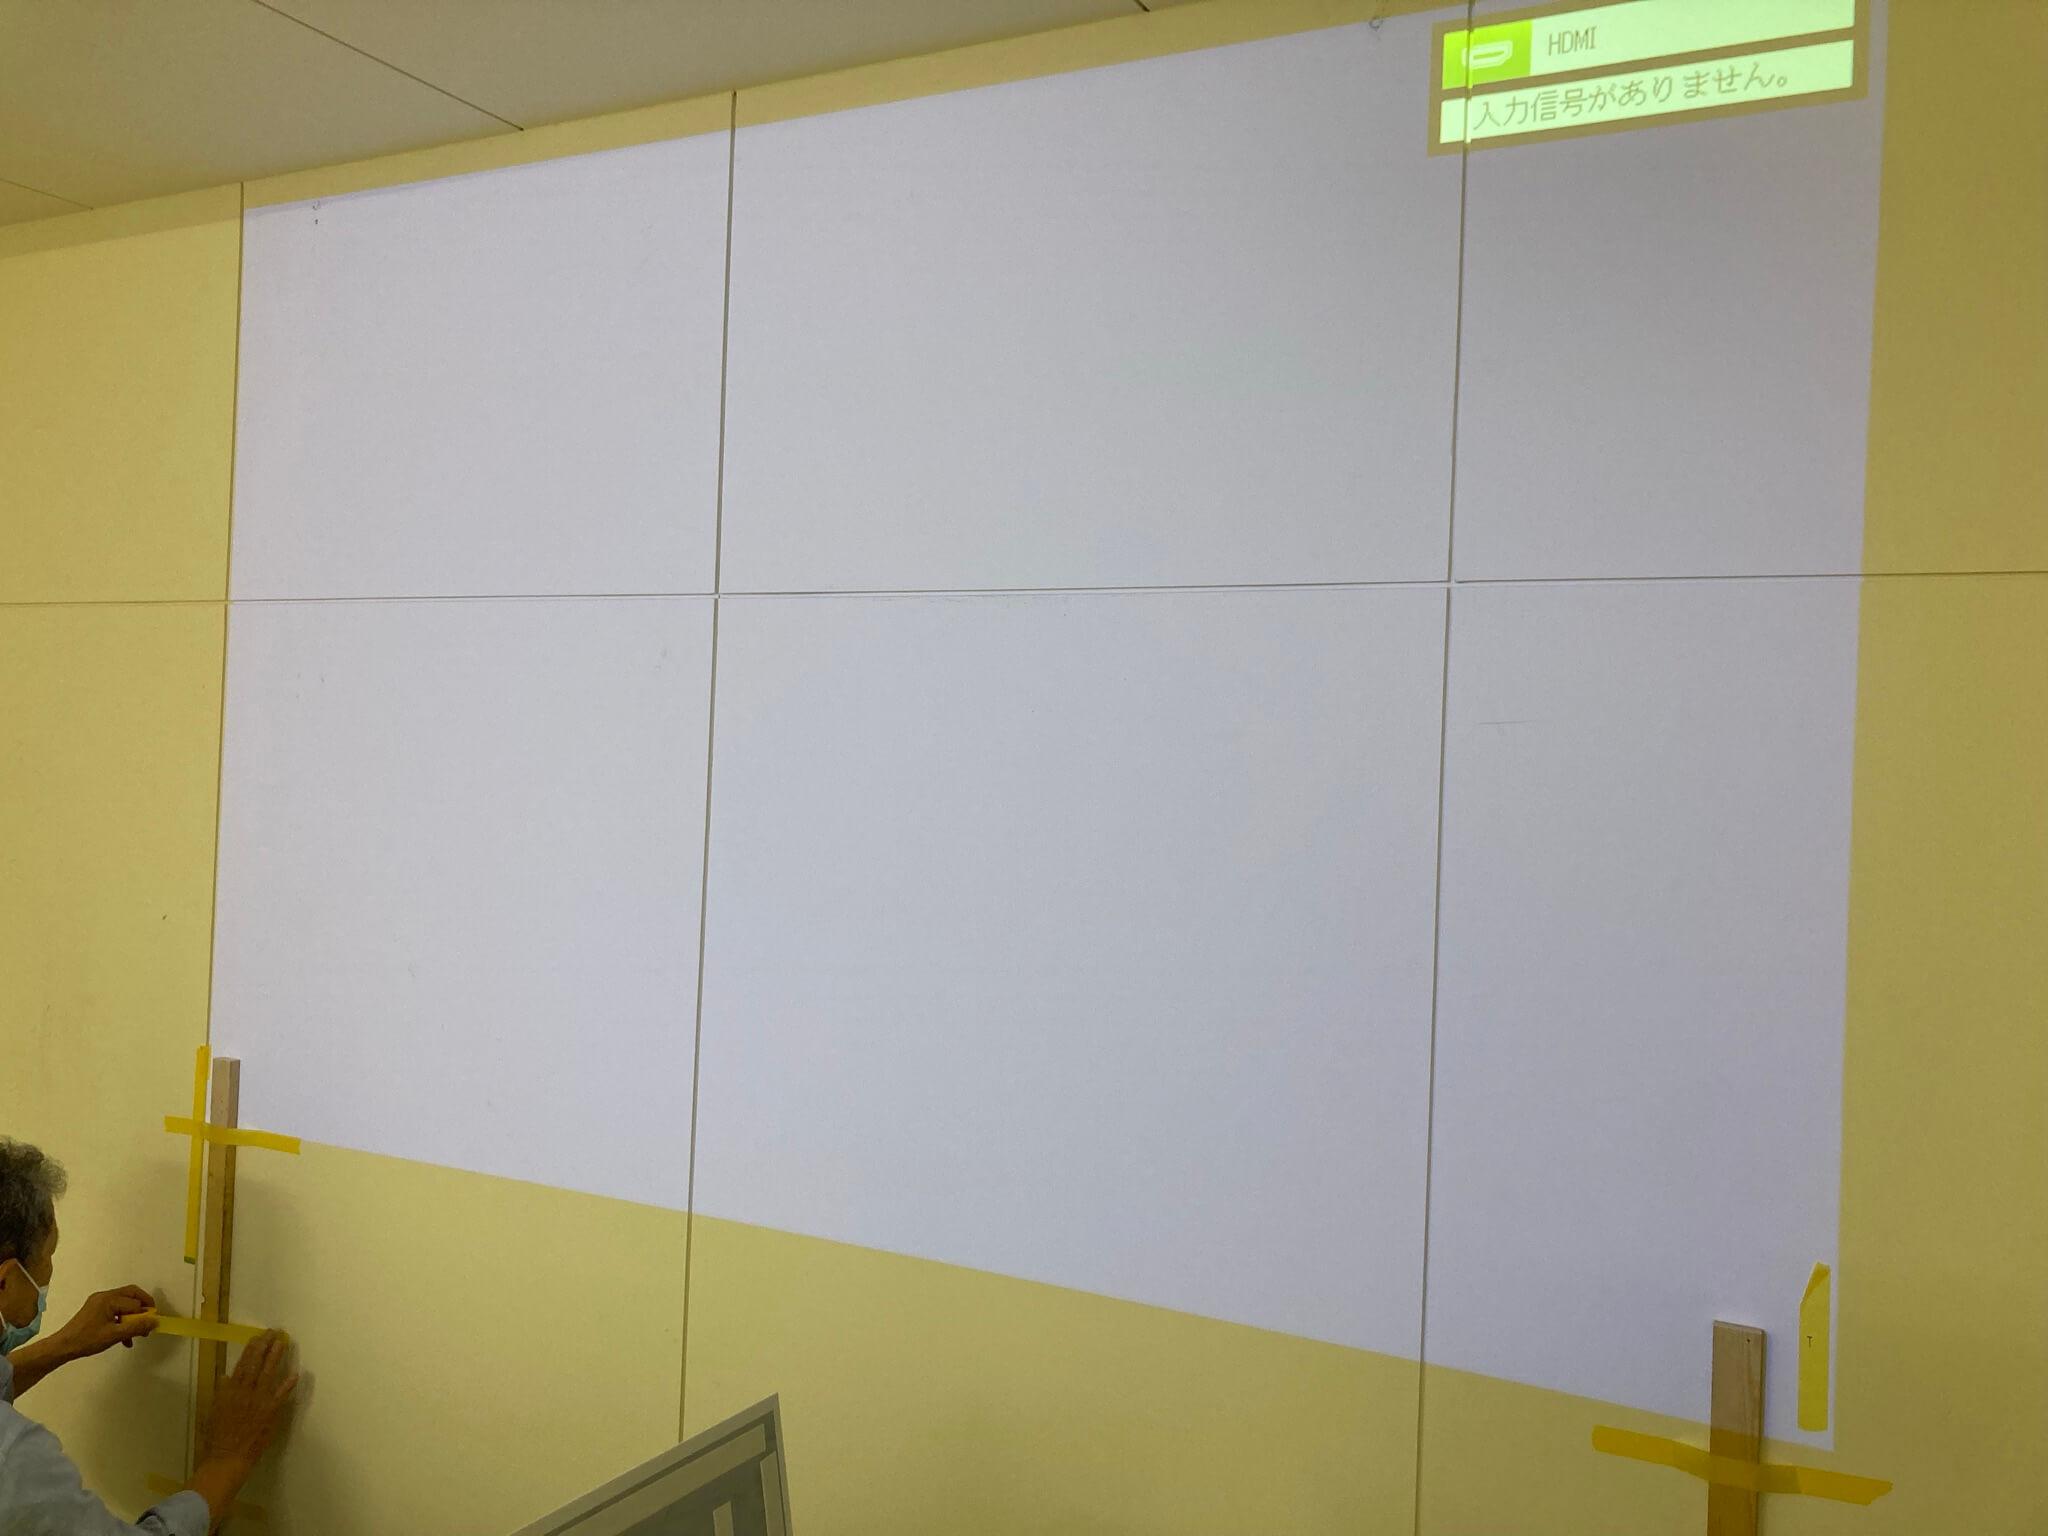 壁に直接投影すると目地が目立っています